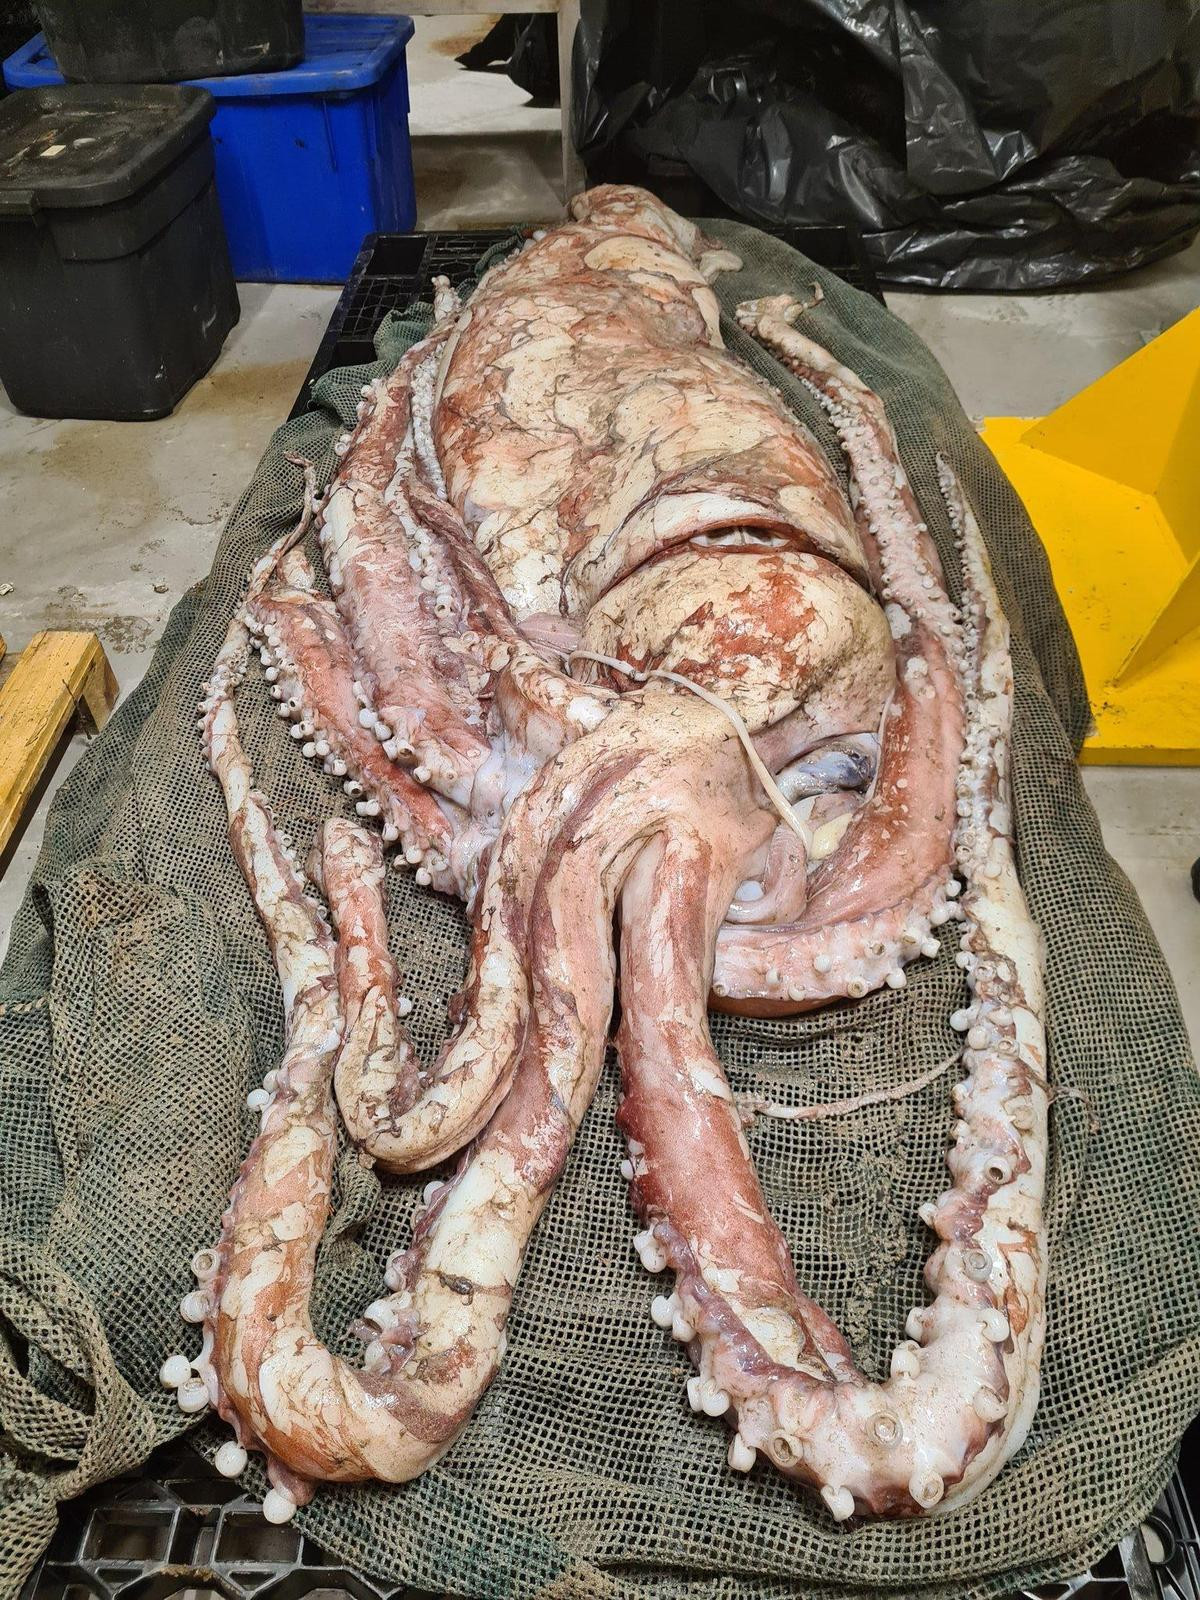 目前大王烏賊的遺體暫時存放在博物館中,等待疫情過去後由專家展開研究。(翻攝Wayne Florence推特)